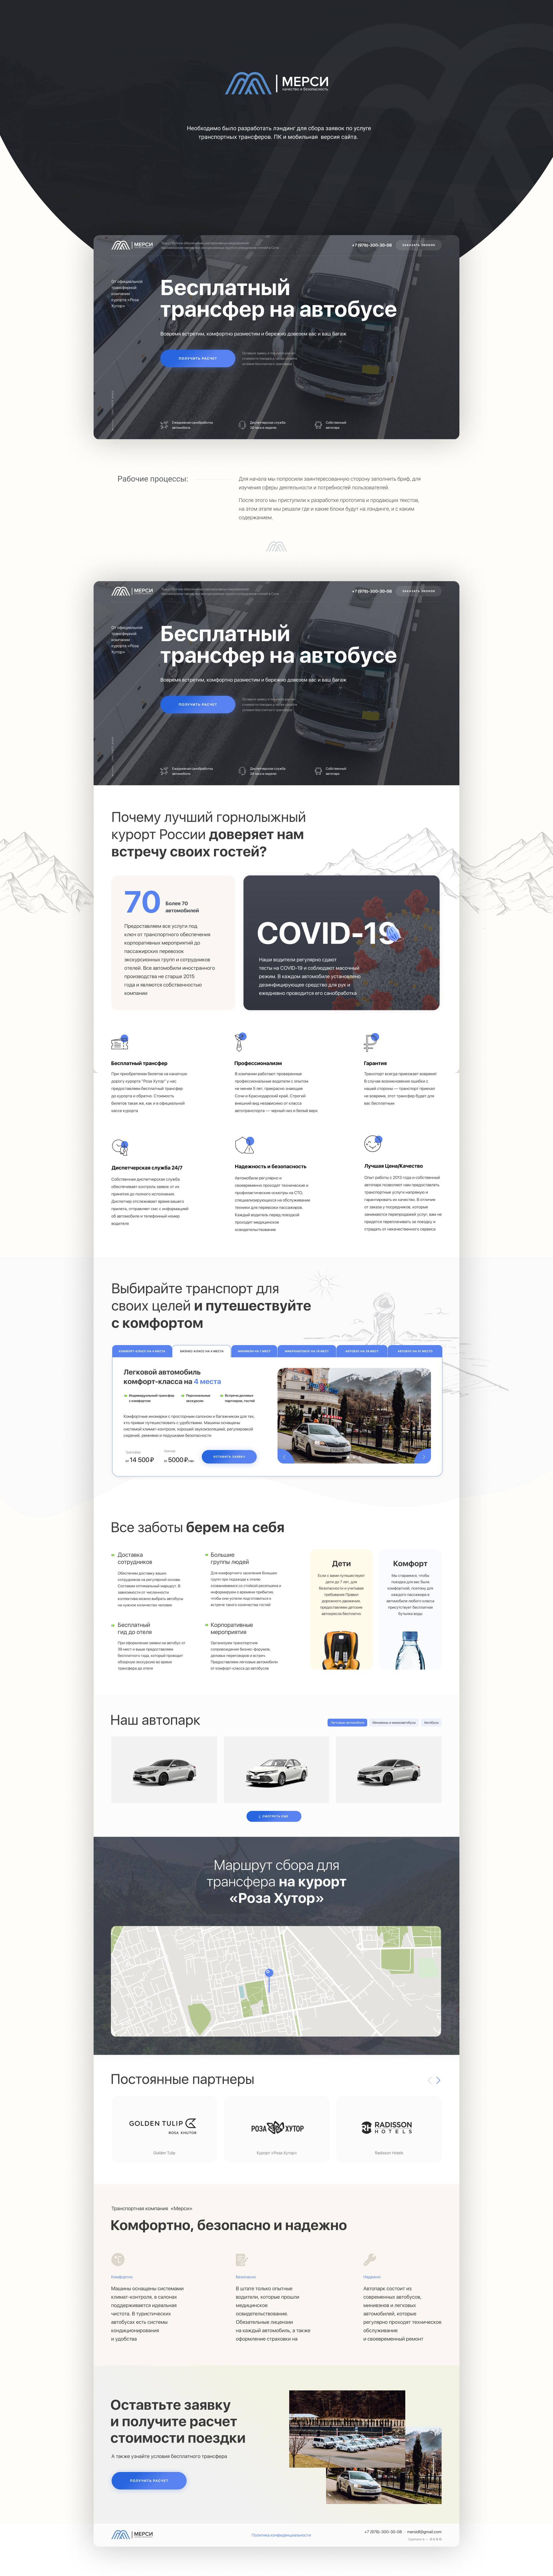 МЕРСИ - транспортная компания из Сочи